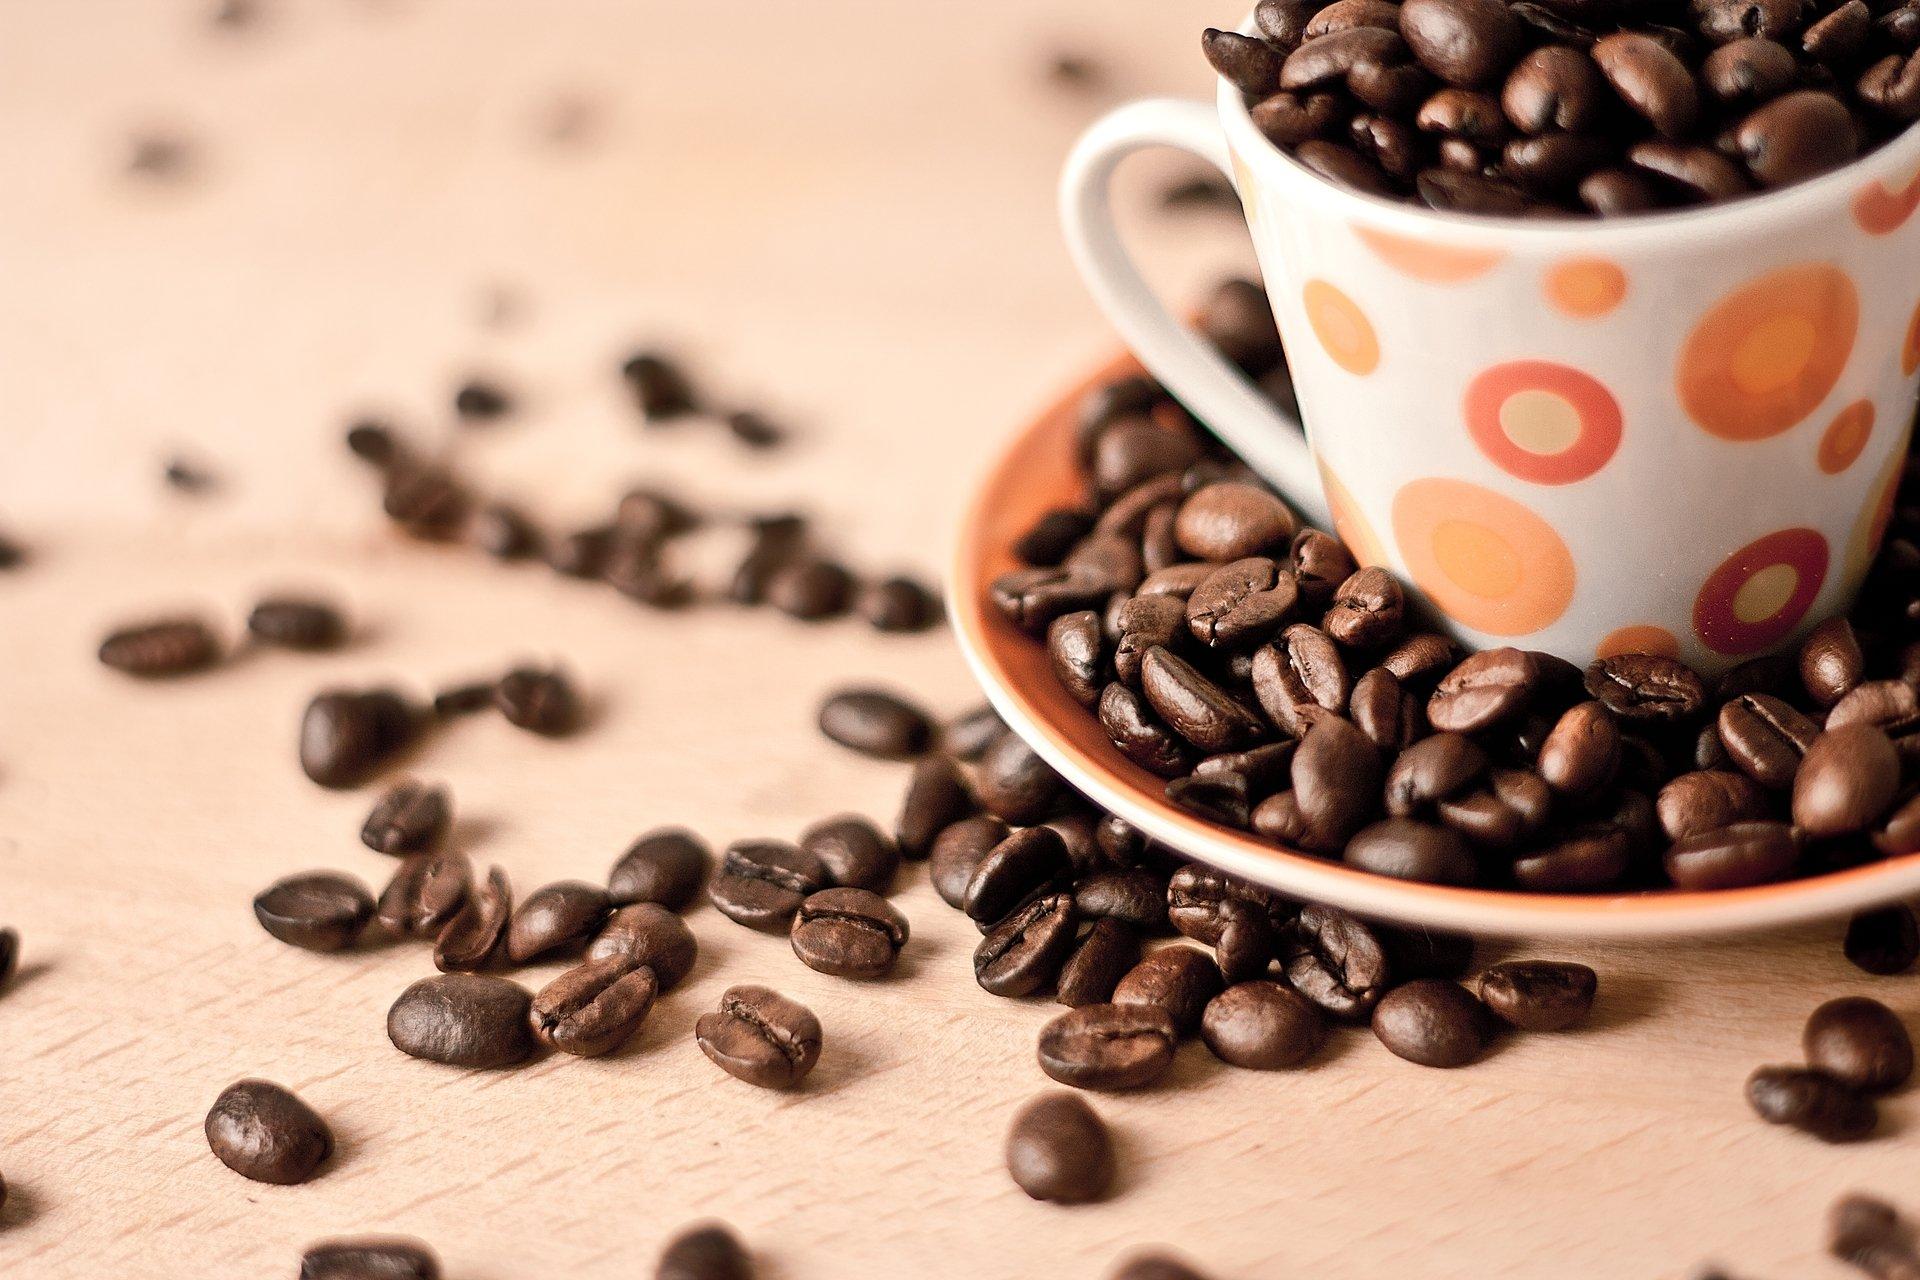 Кофе зерна чашка  № 2172431 загрузить